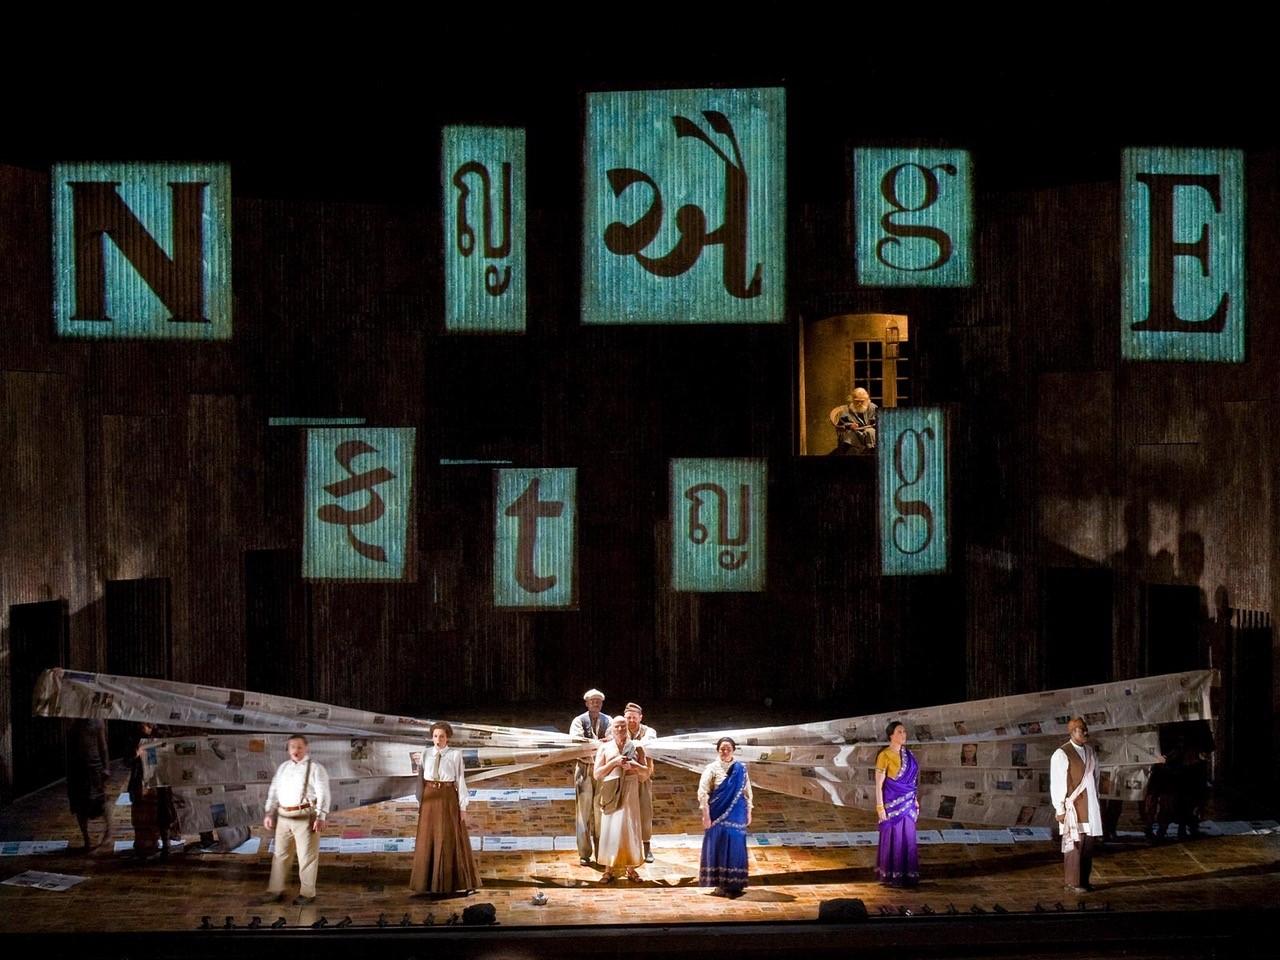 σκηνικό απο οπερα Satyagraha